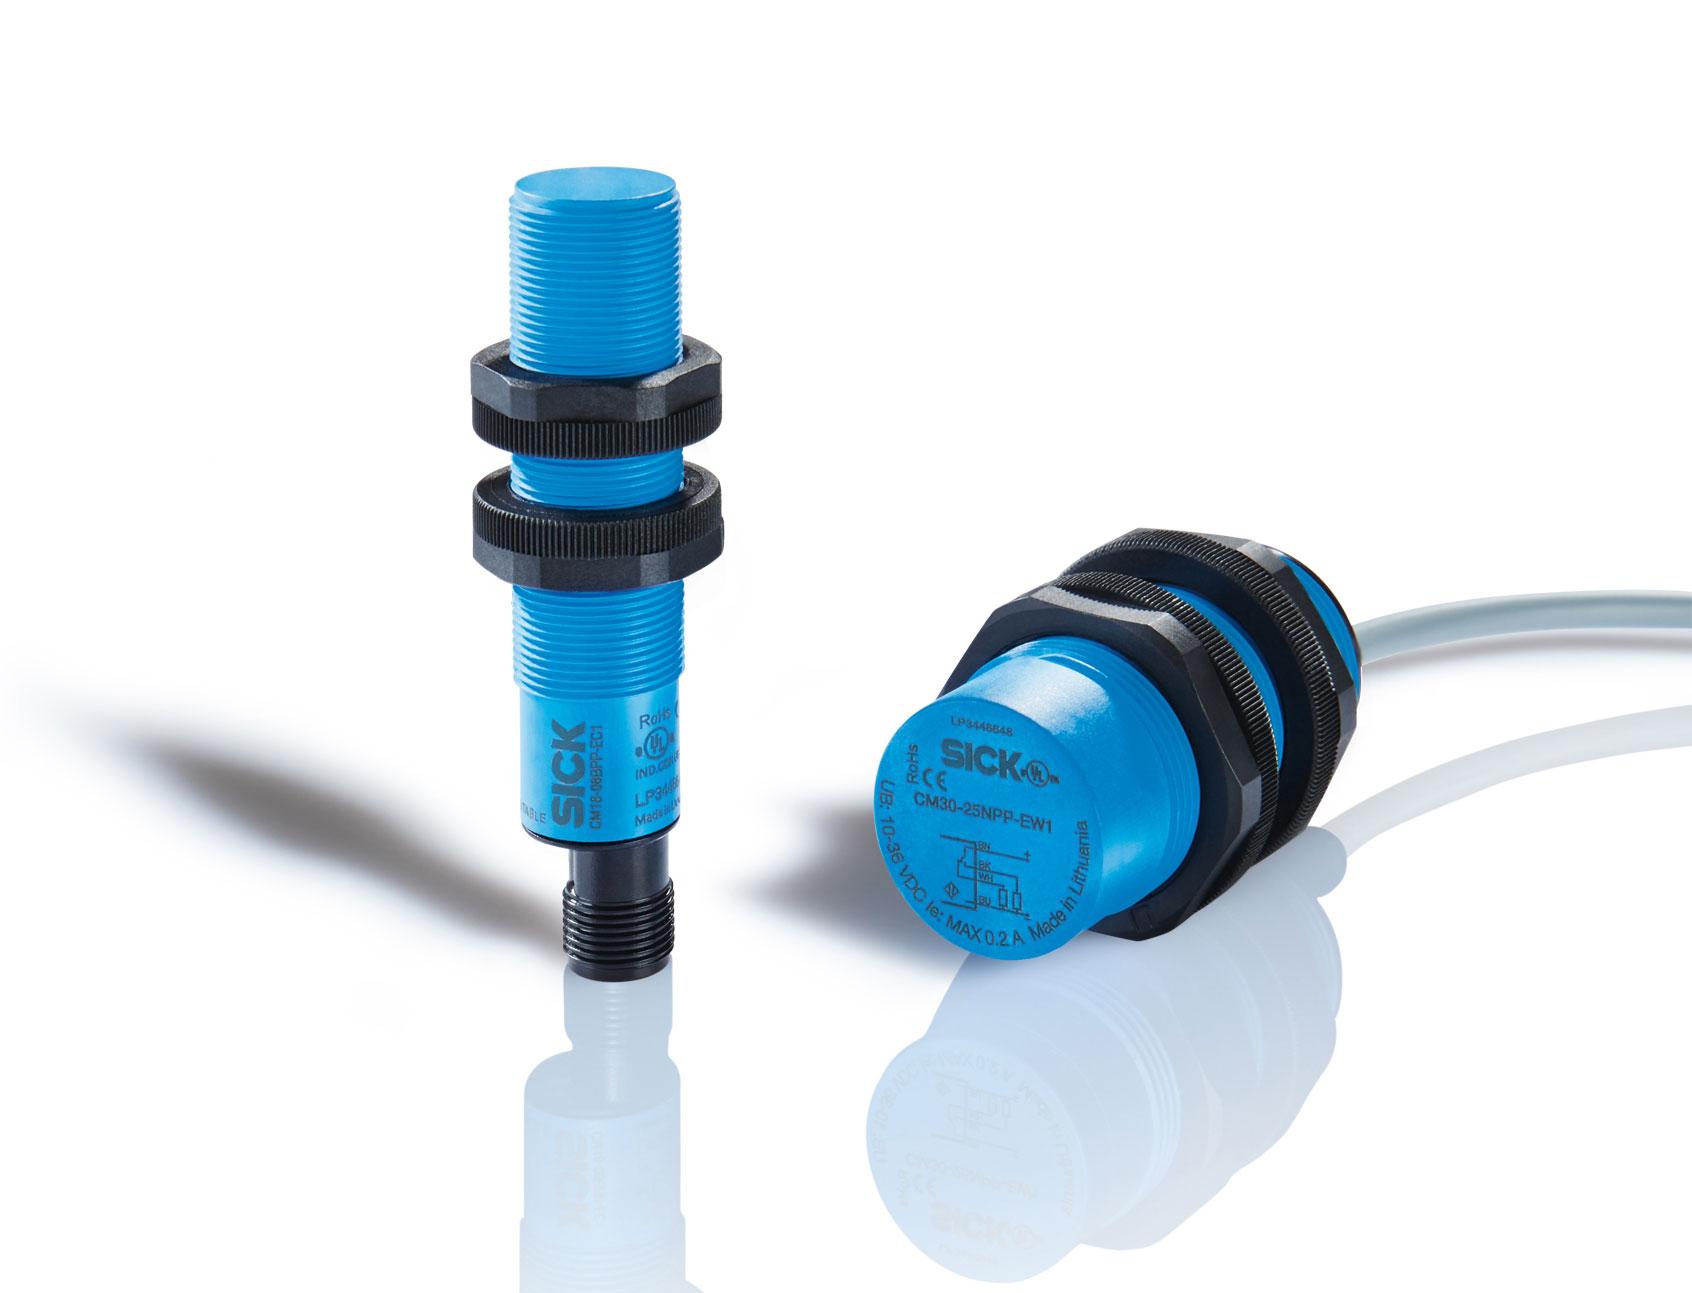 Sensori capacitivi CM18 e CM30 di SICK - rilevamento affidabile grazie ad un'elevata compatibilità elettromagnetica